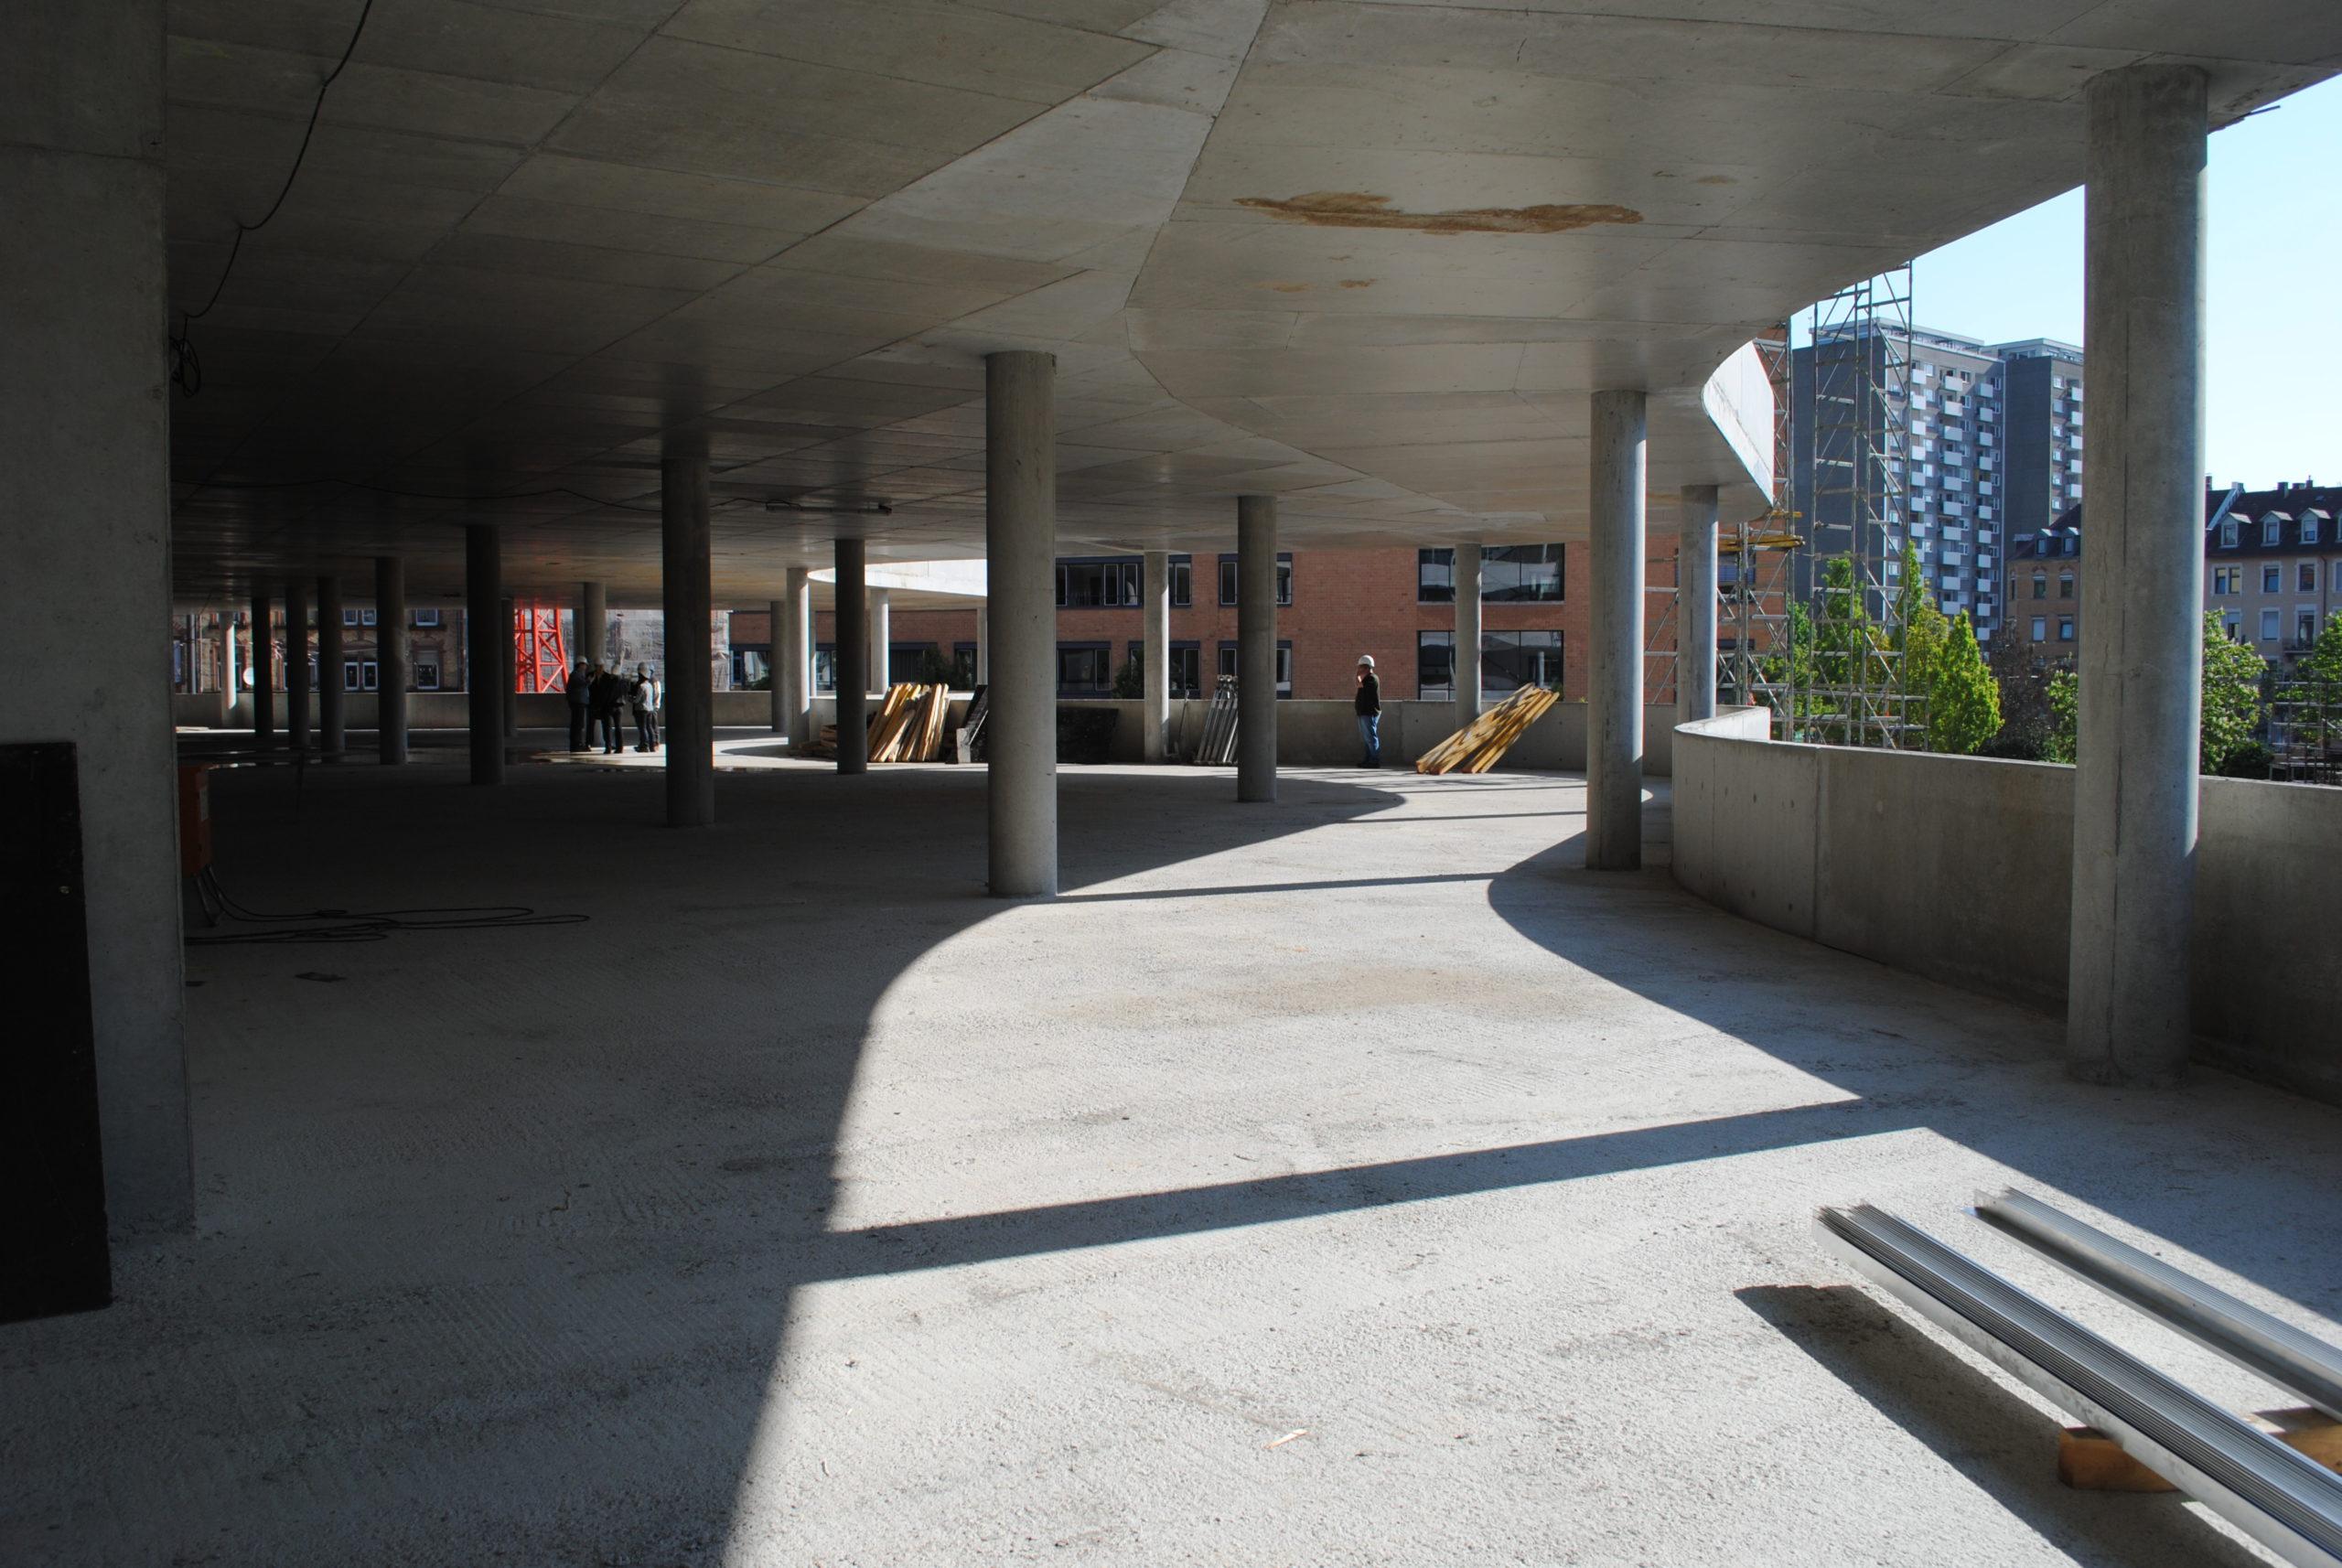 Das Synus-Gebäude im Bau - Die Formgebung